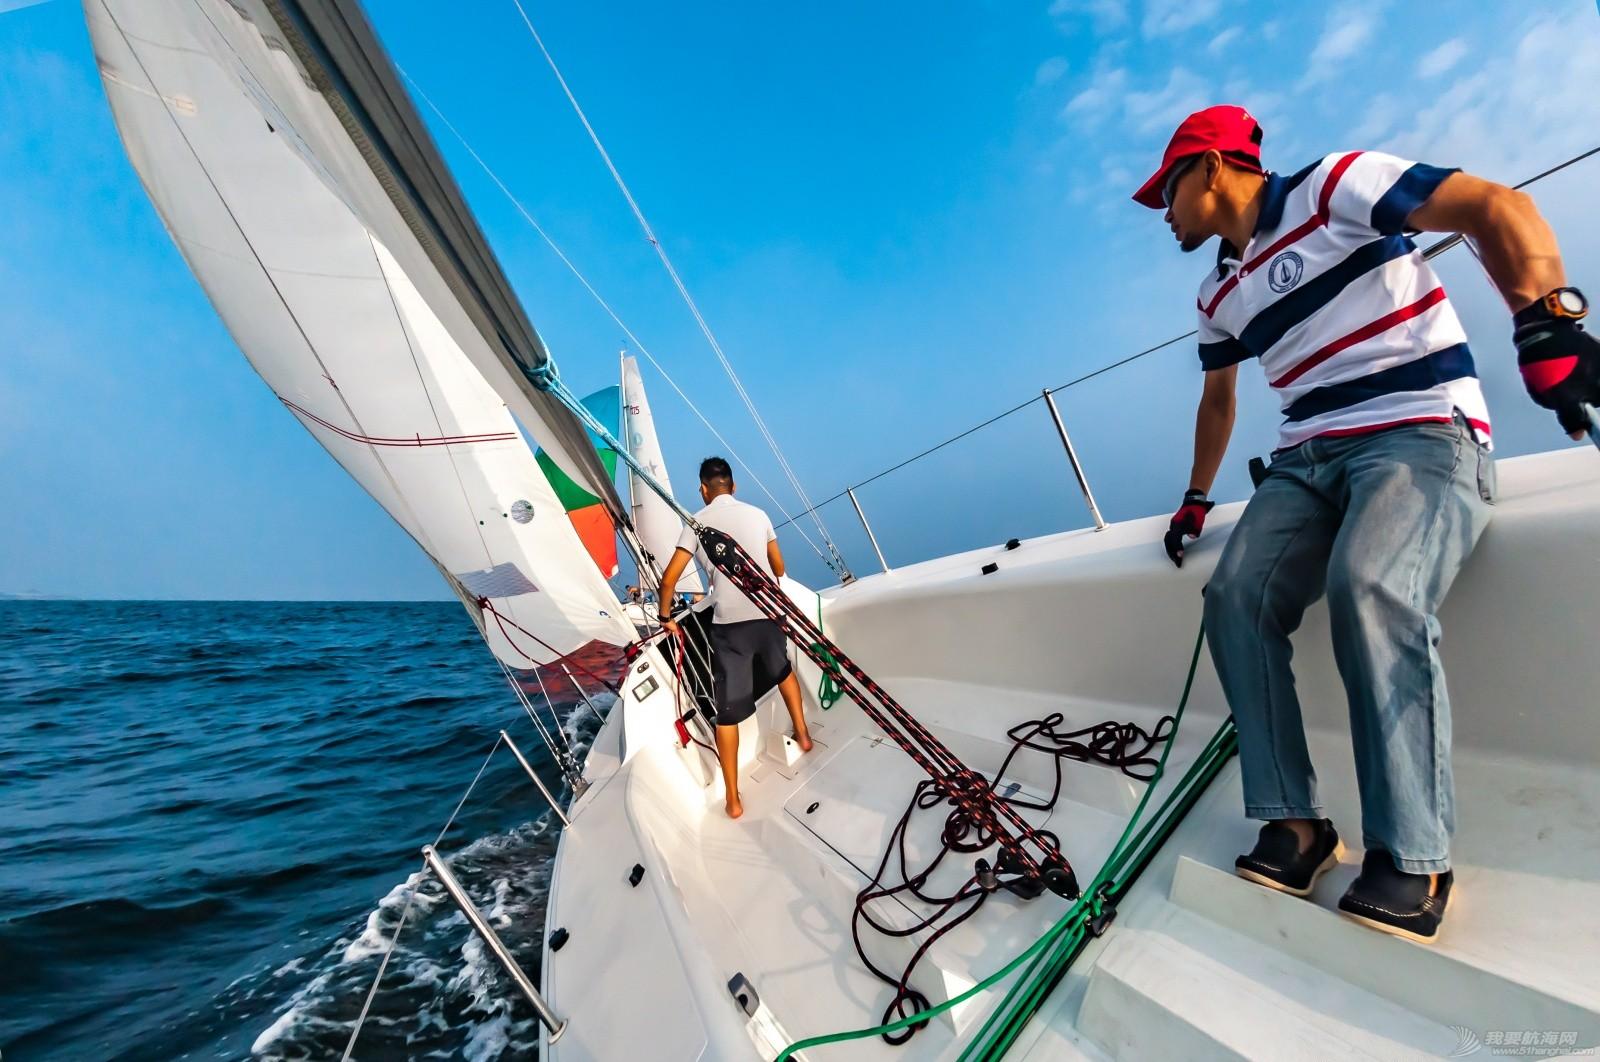 帆船 【2015大鹏杯帆船赛】鱼眼看航海 16038.jpg